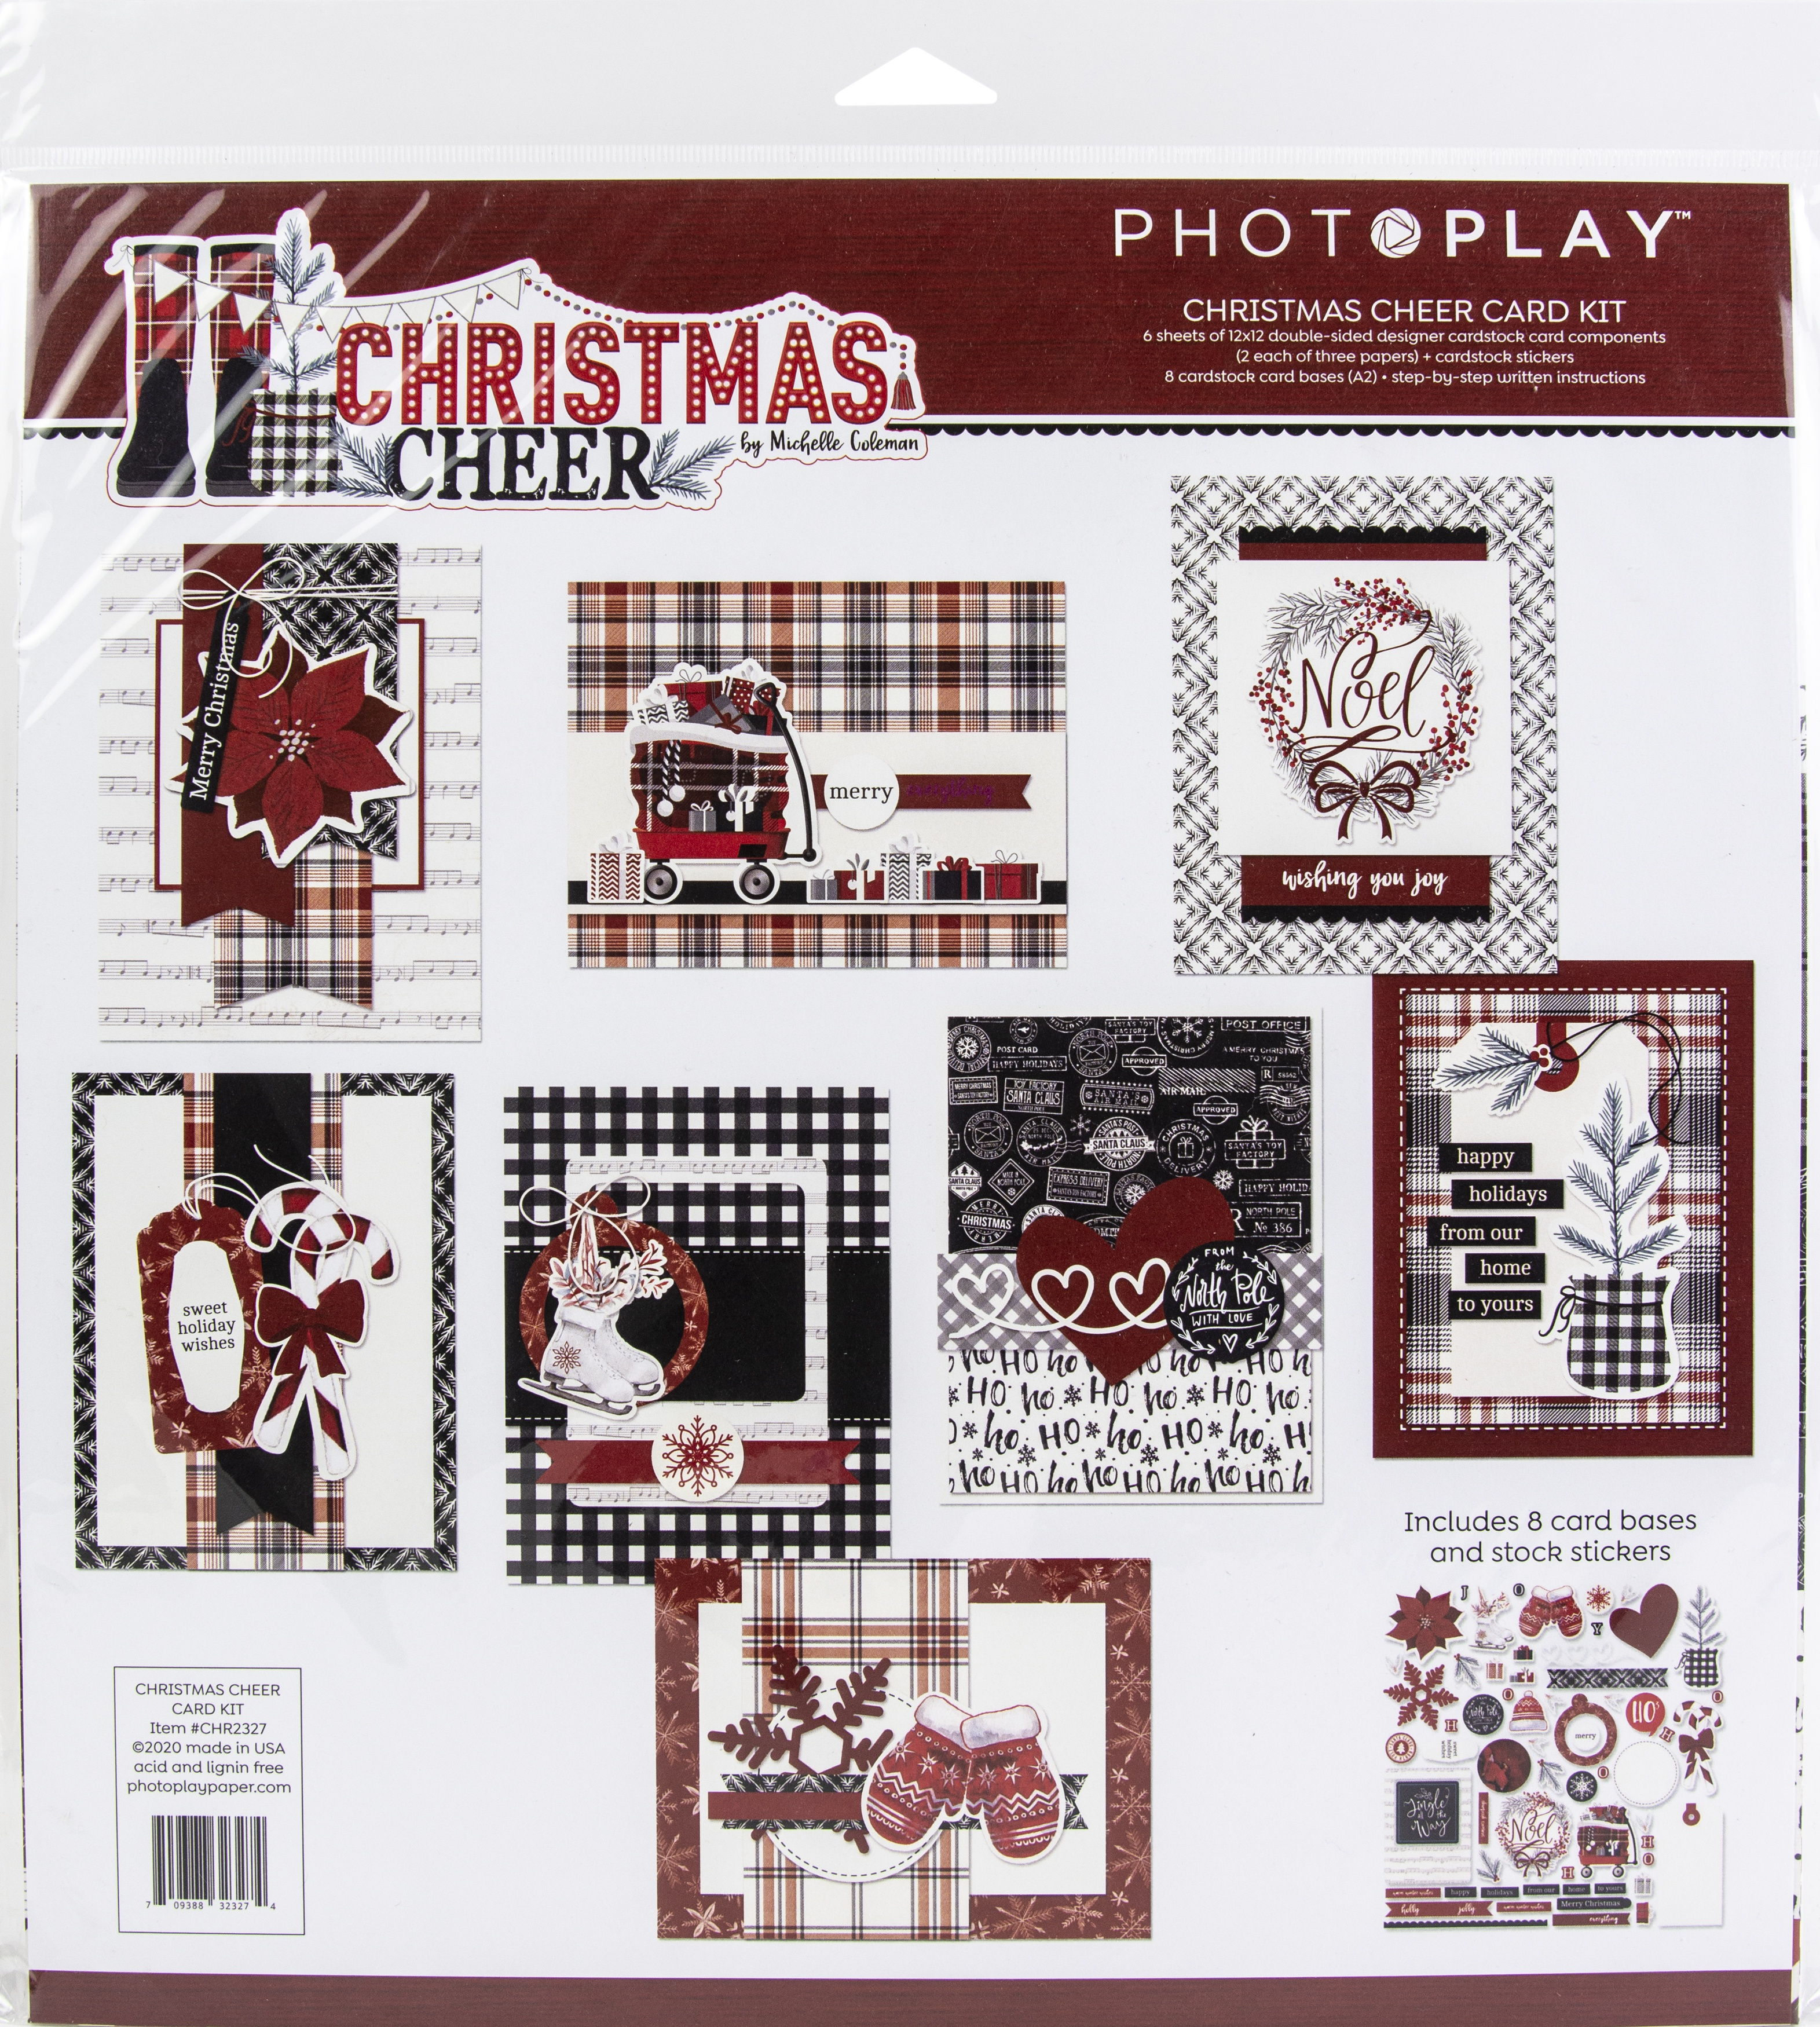 Christmas Cheer Card kit